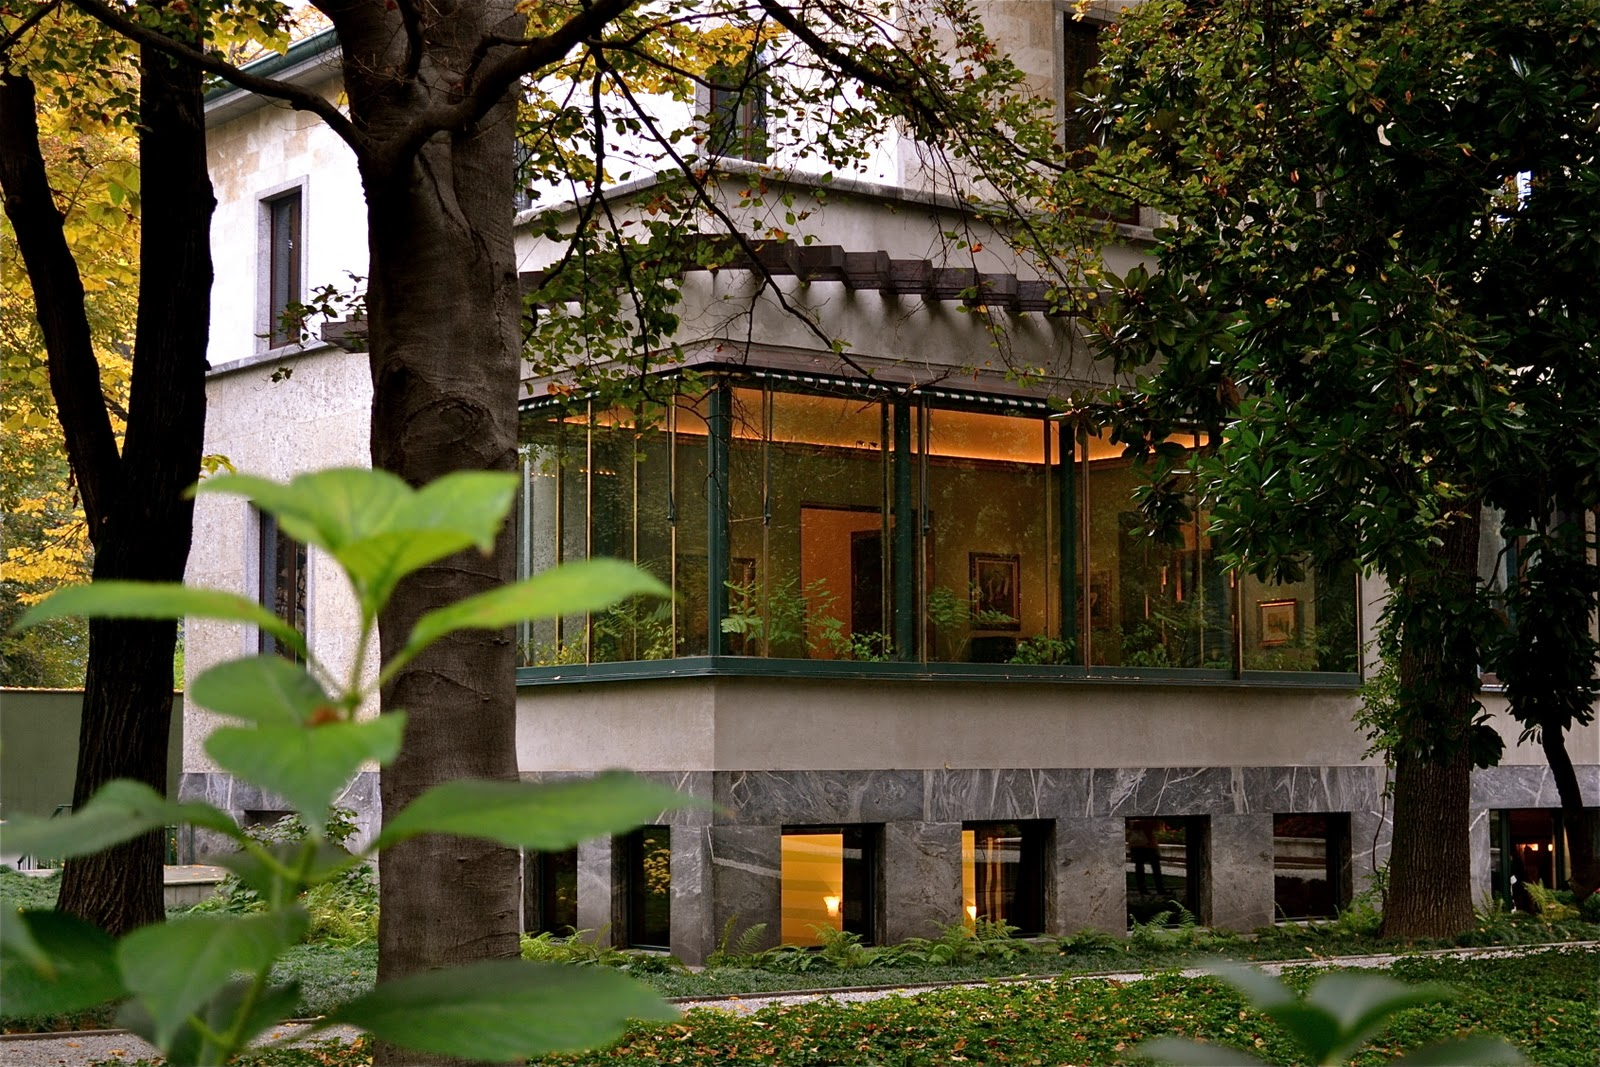 veranda-villa necchi campiglio-weareprivate.net.jpg